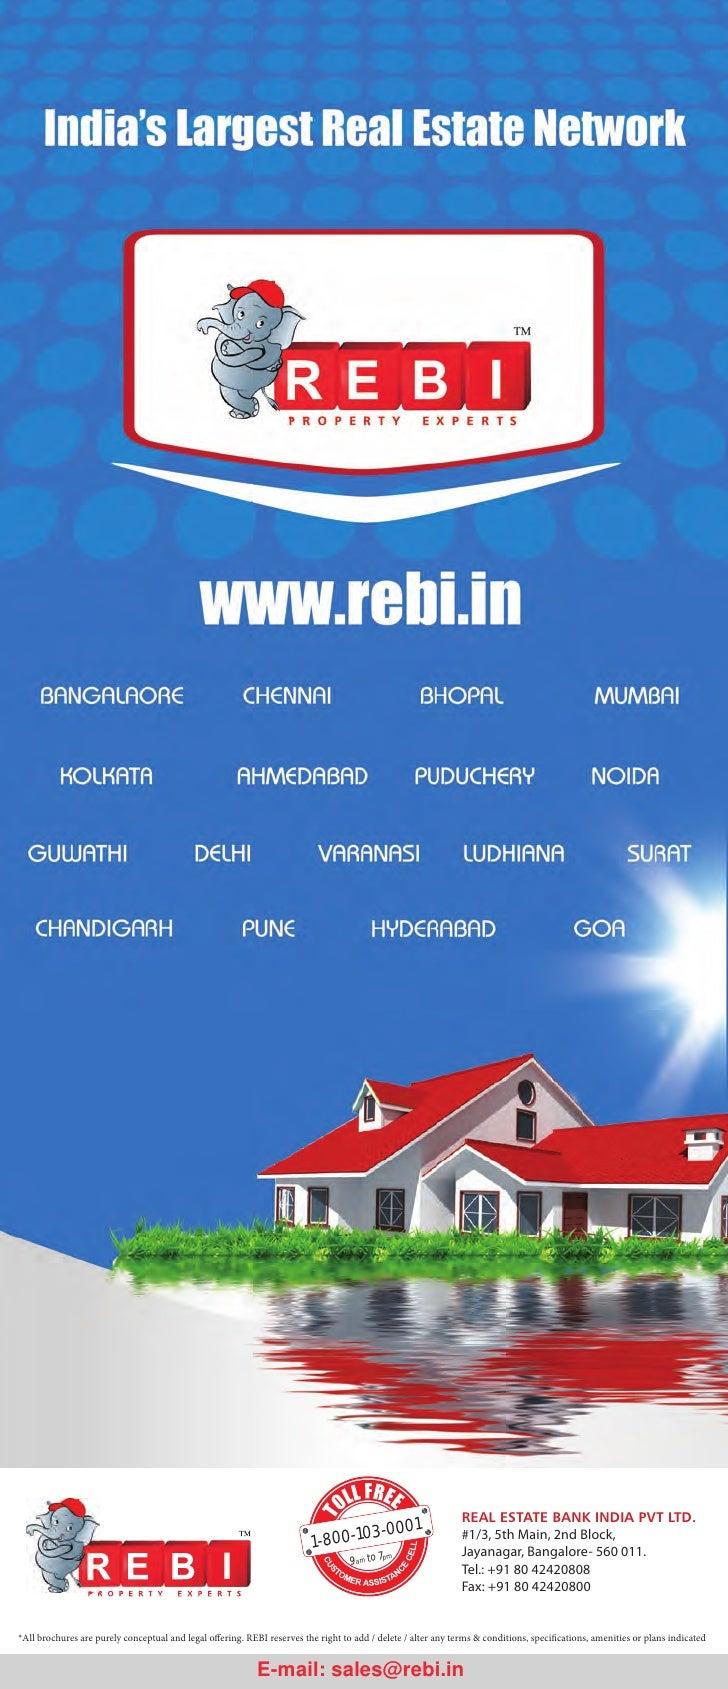 Projects Marketed REBI at Bangaluru